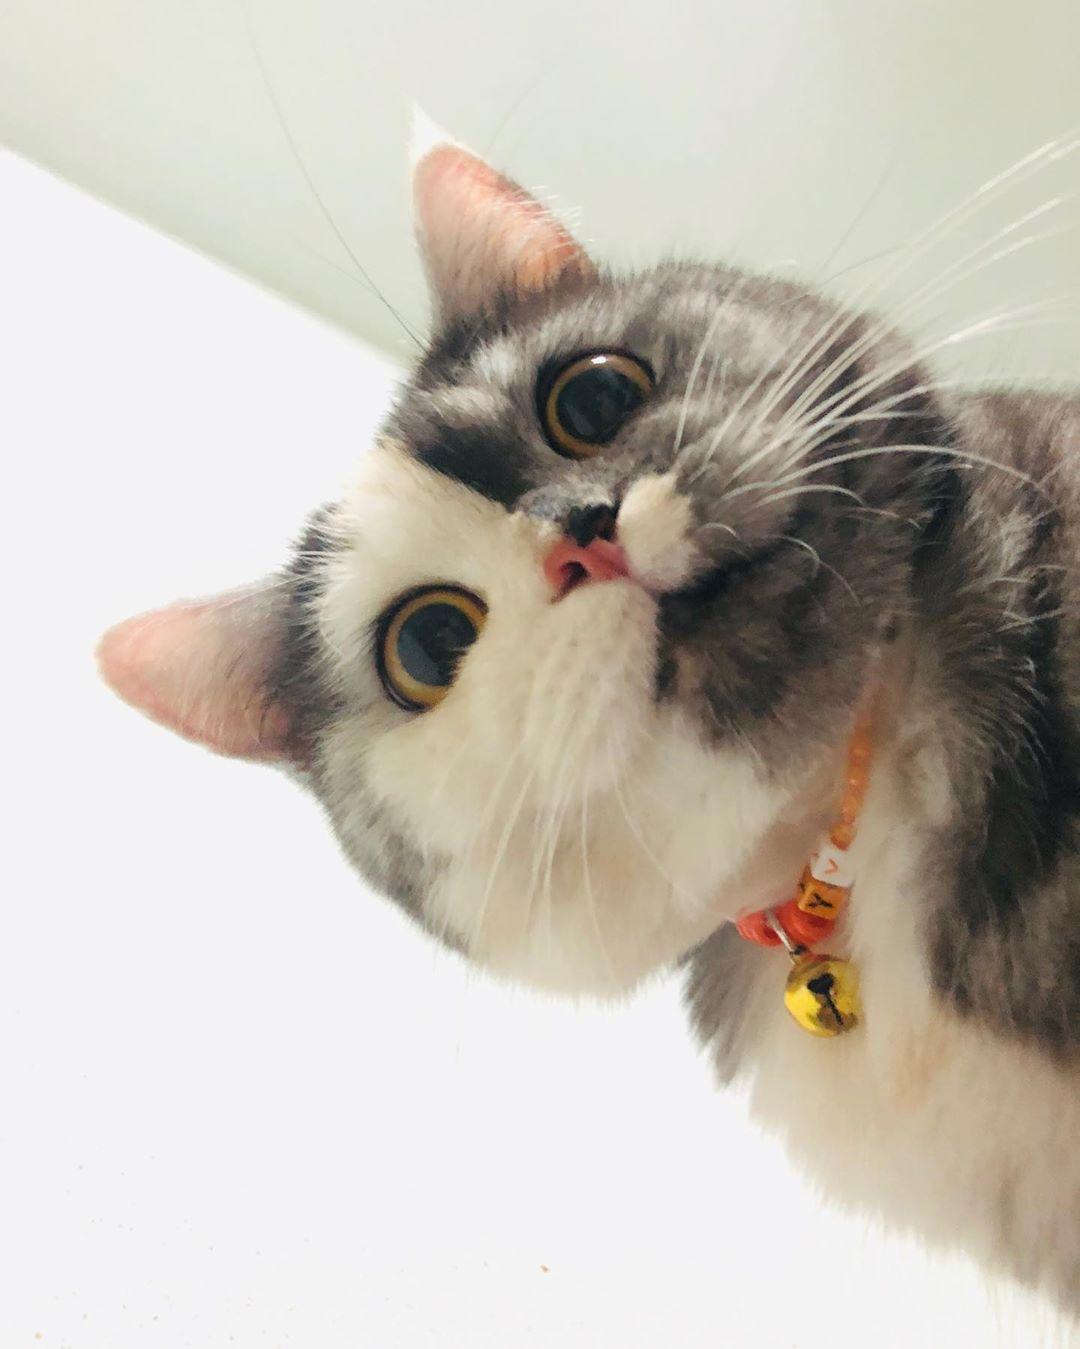 """เรามาอย่างเป็นมิตร! ทำความรู้จักกับ """"แมว"""" ที่มีชื่อว่า """"แมว"""" และลายค"""